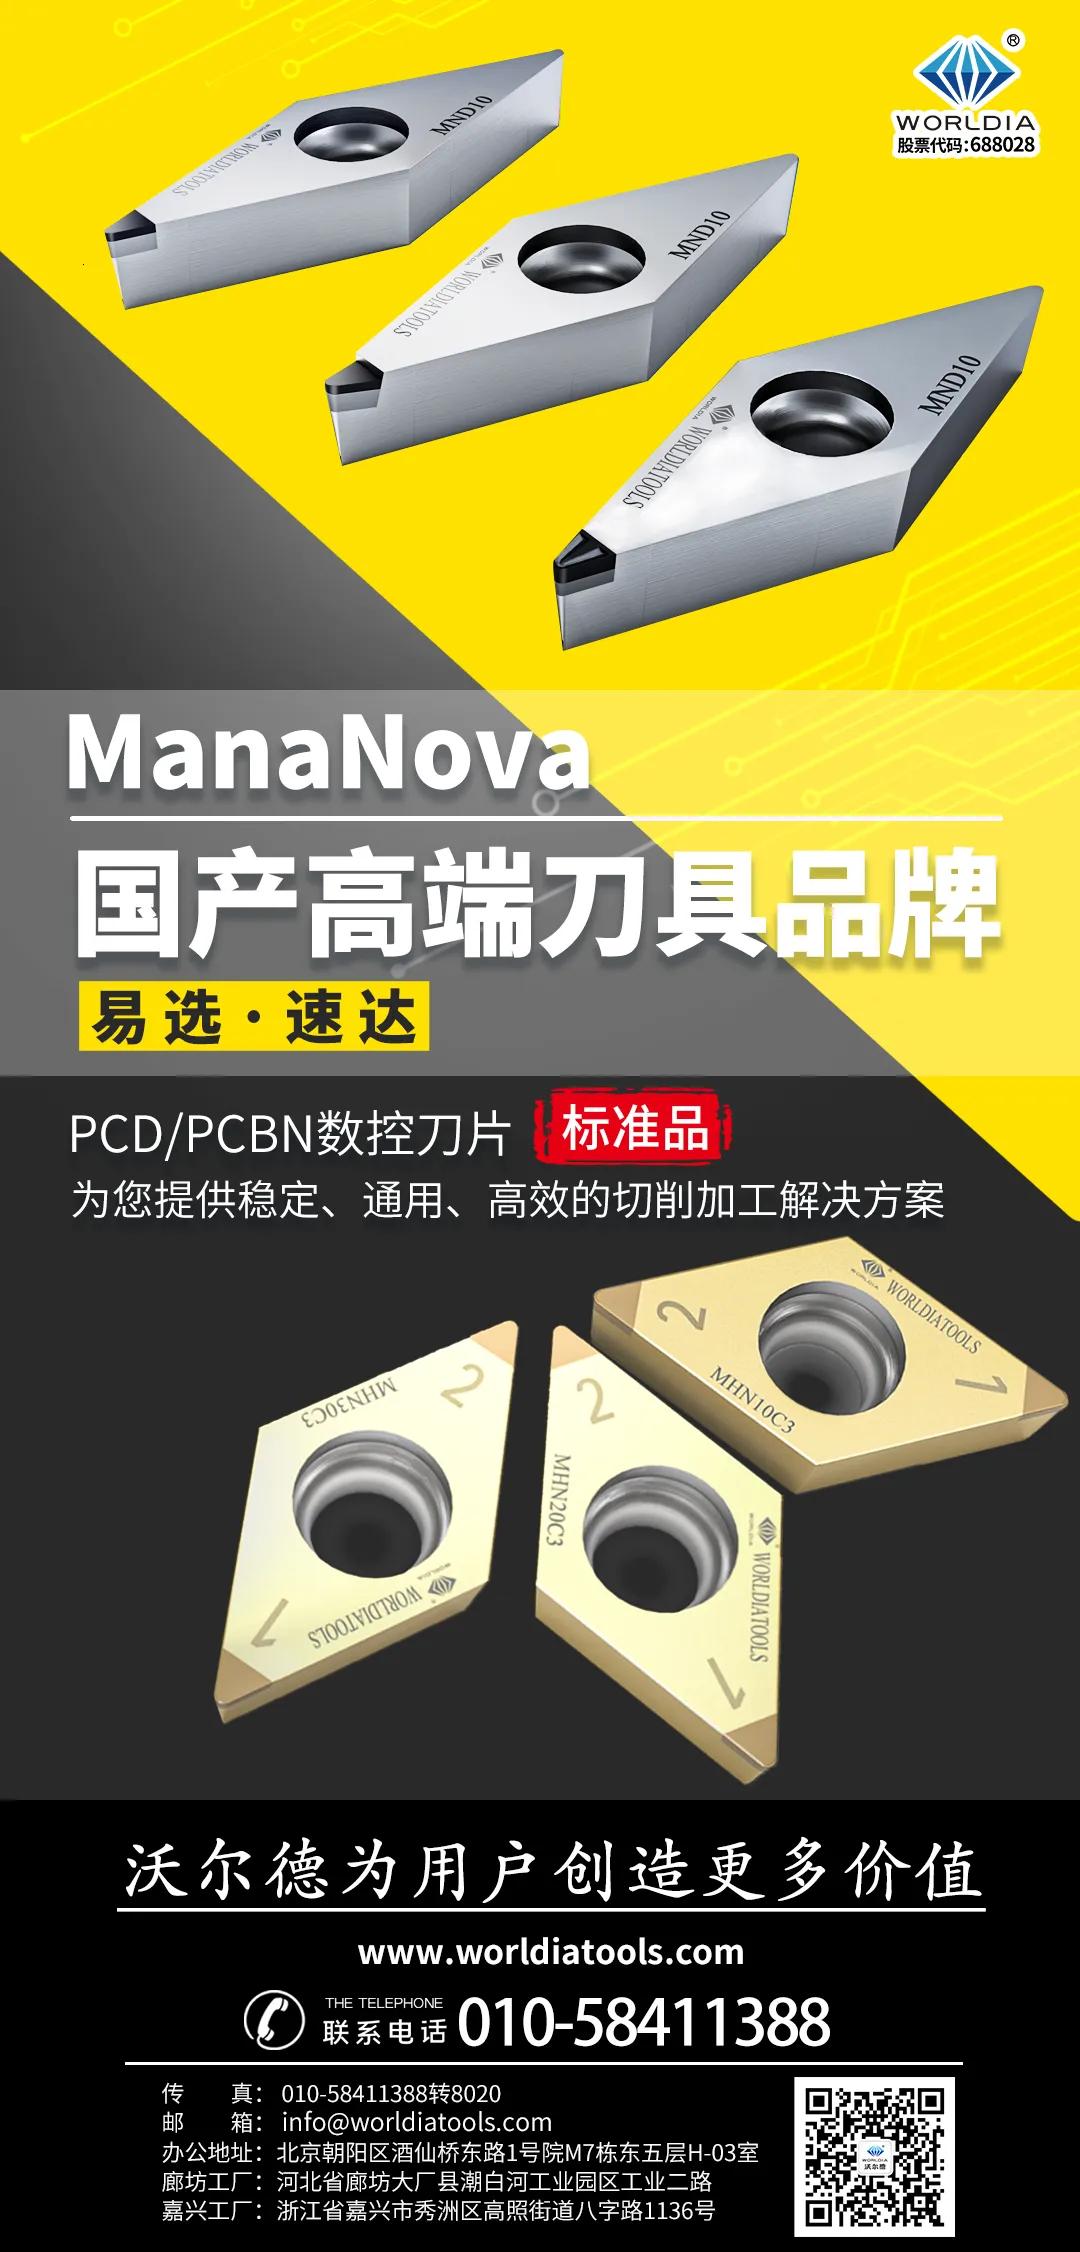 沃尔德ManaNova-国产高端刀具品牌